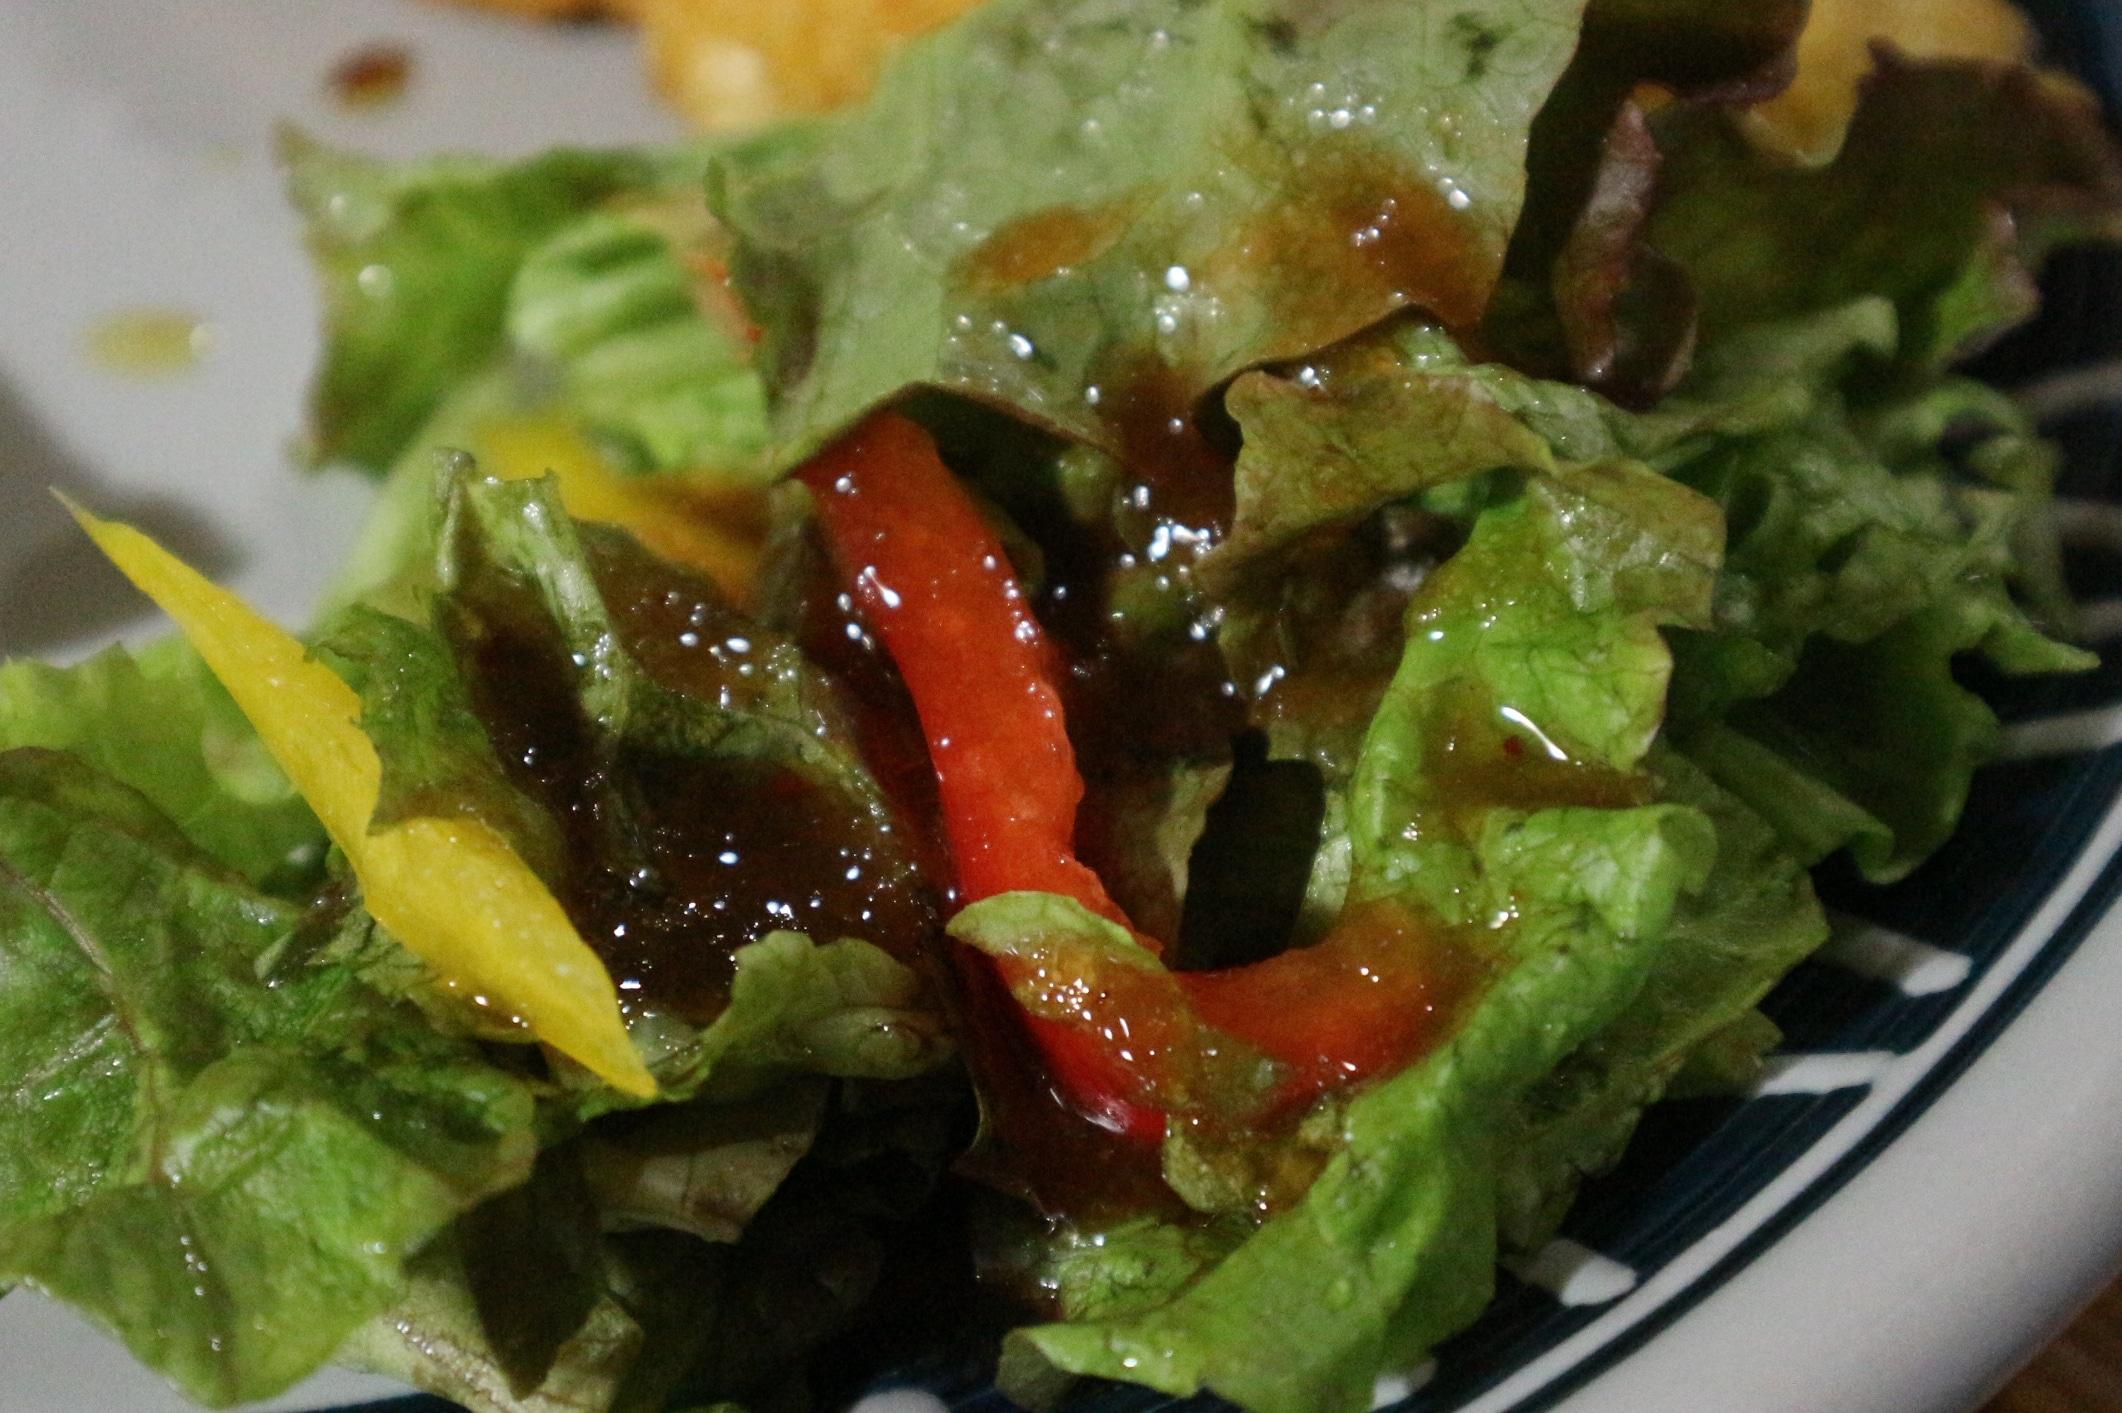 旨みがたっぷりの北海道タマネギドレッシングで、野菜サラダが美味しく食べられます。